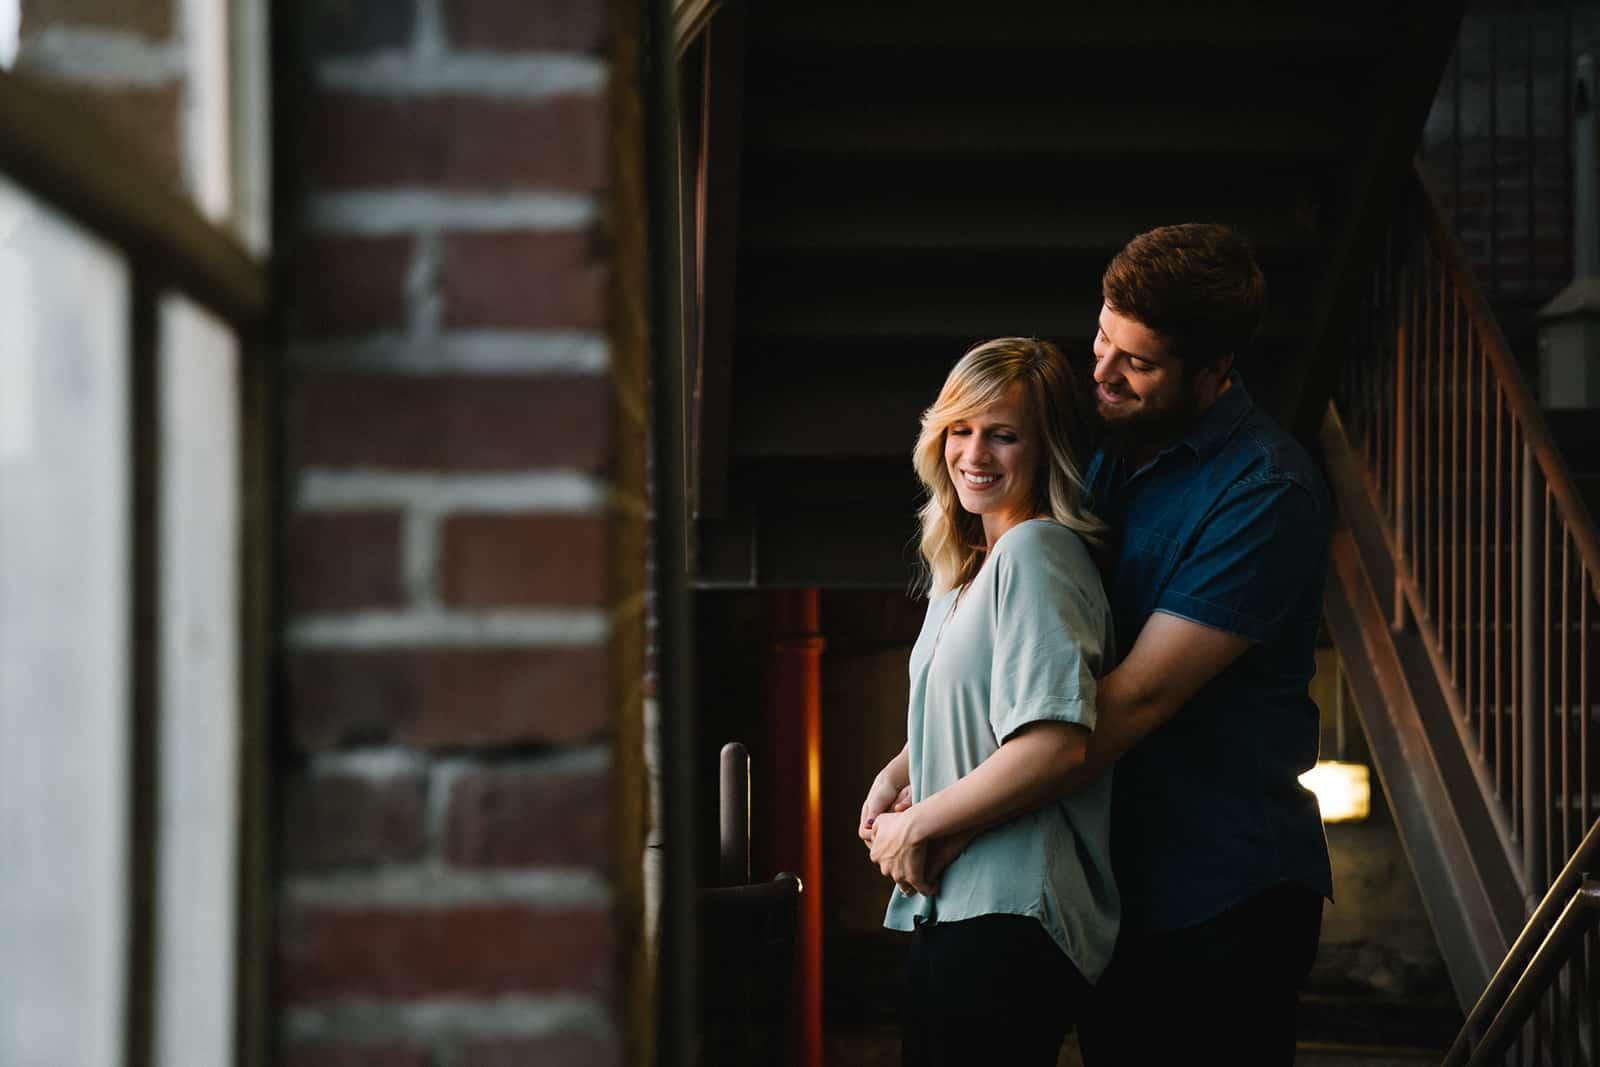 Ein Mann umarmt seine lächelnde Freundin am Fenster